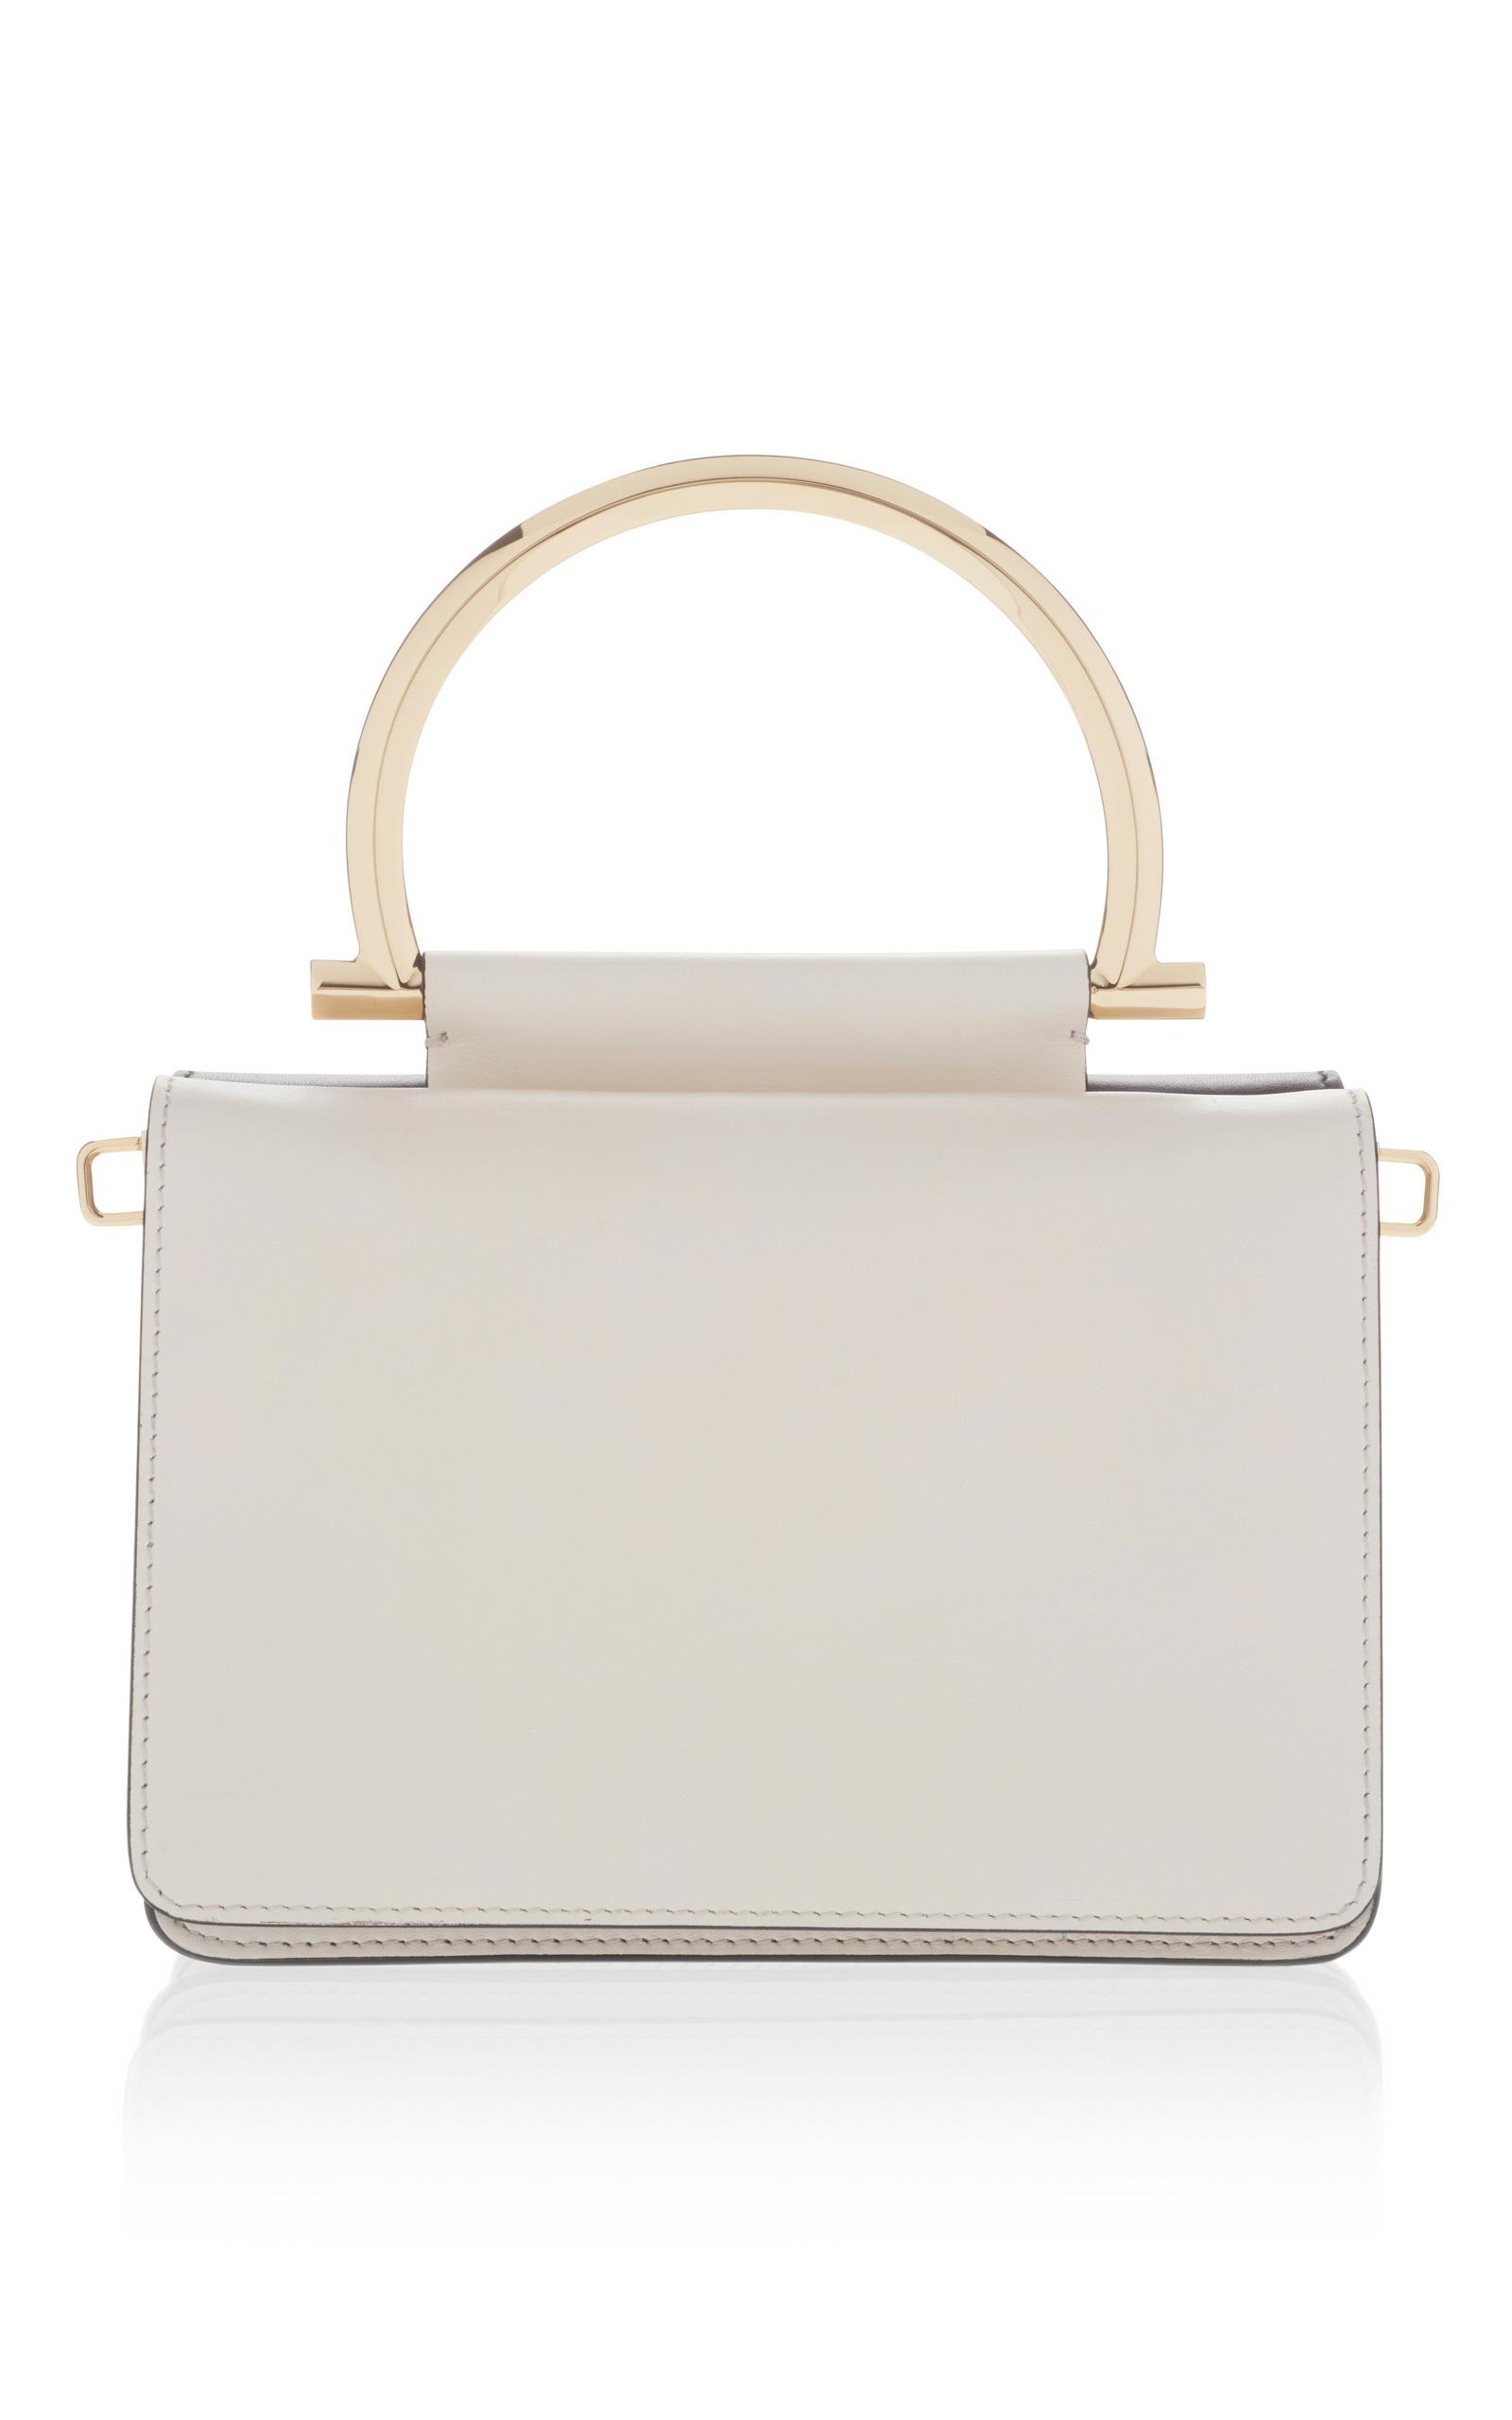 a293a40ef044 Salvatore FerragamoMina Shoulder bag with Top Handle. CLOSE. Loading